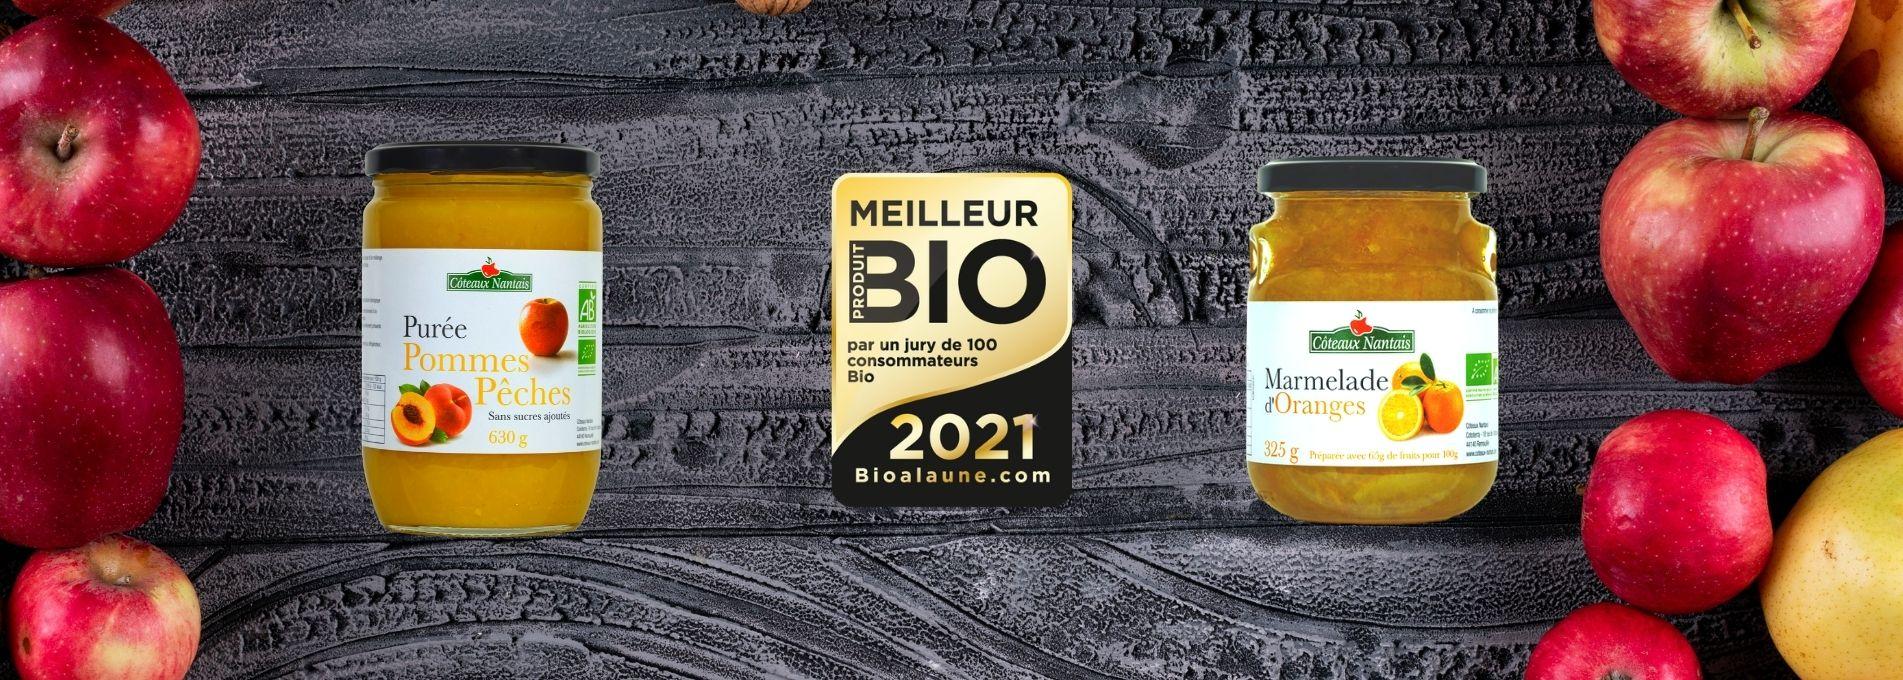 Les Côteaux Nantais lauréats des meilleurs produits bio 2021